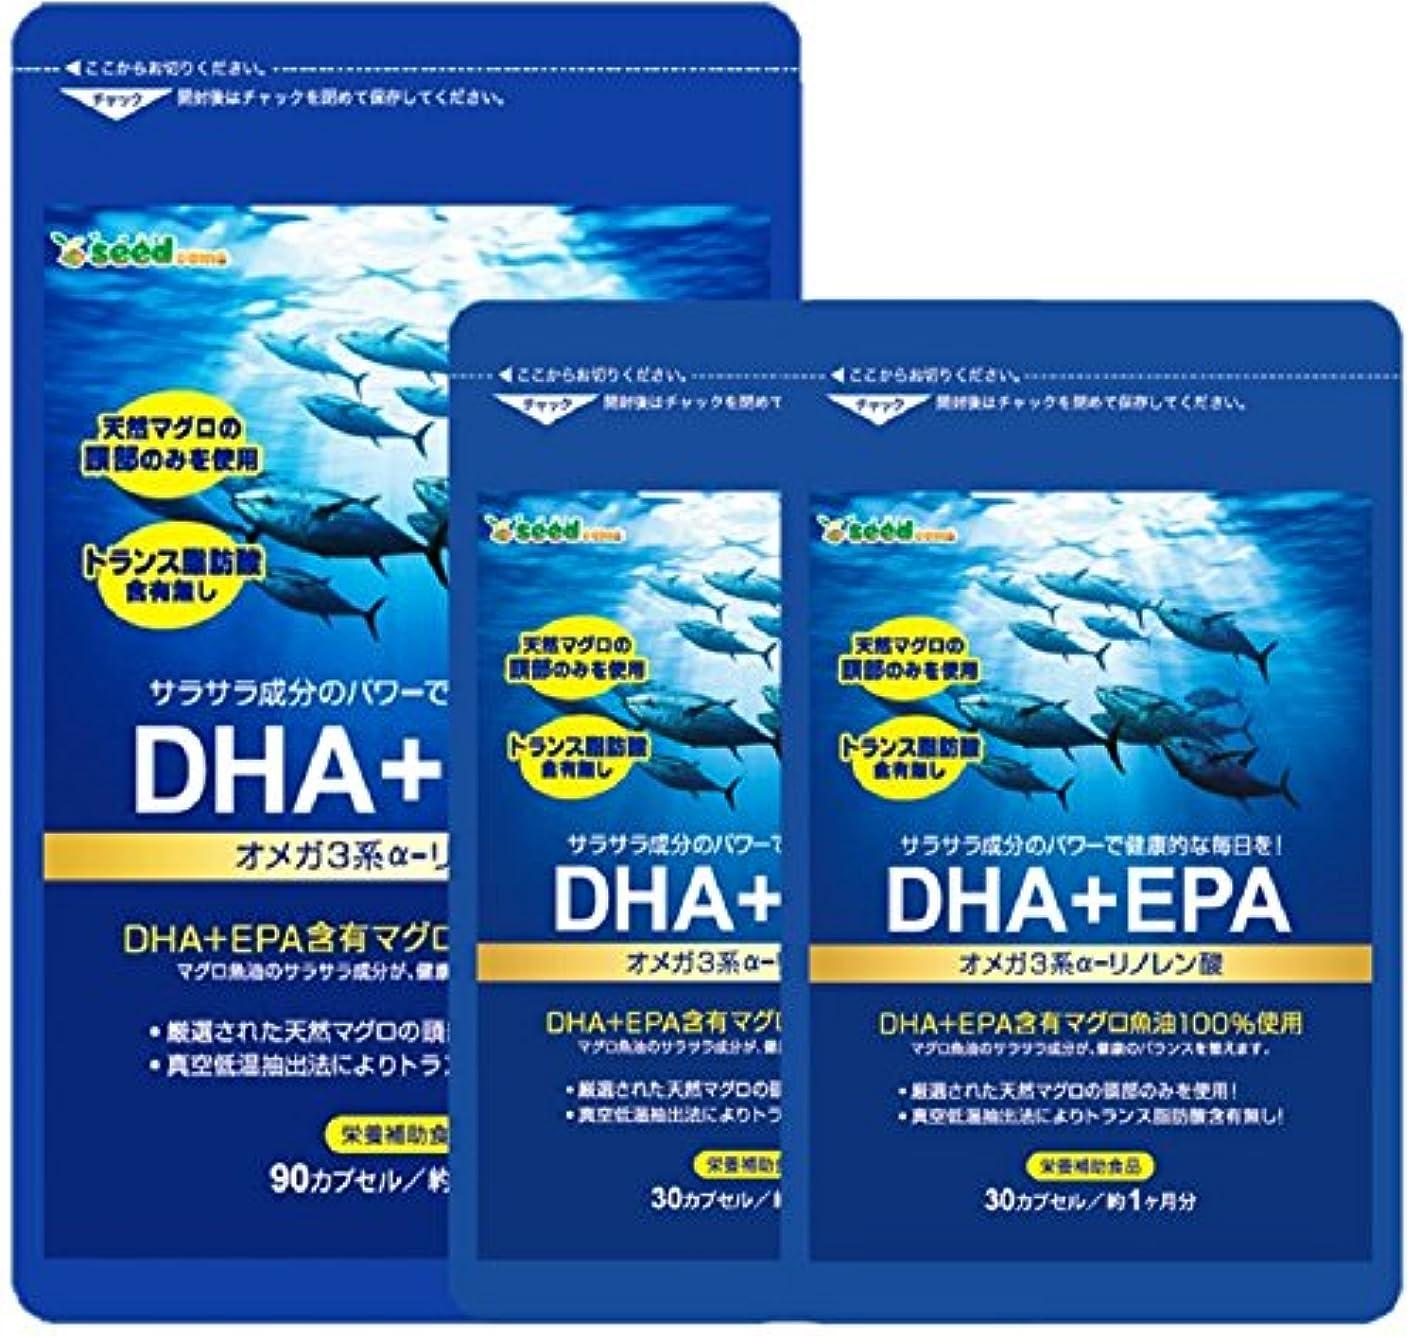 パン屋予定輝く【 seedcoms シードコムス 公式 】DHA + EPA 約5ヶ月分/150粒 ( オメガ系 α-リノレン酸 )トランス脂肪酸 0㎎